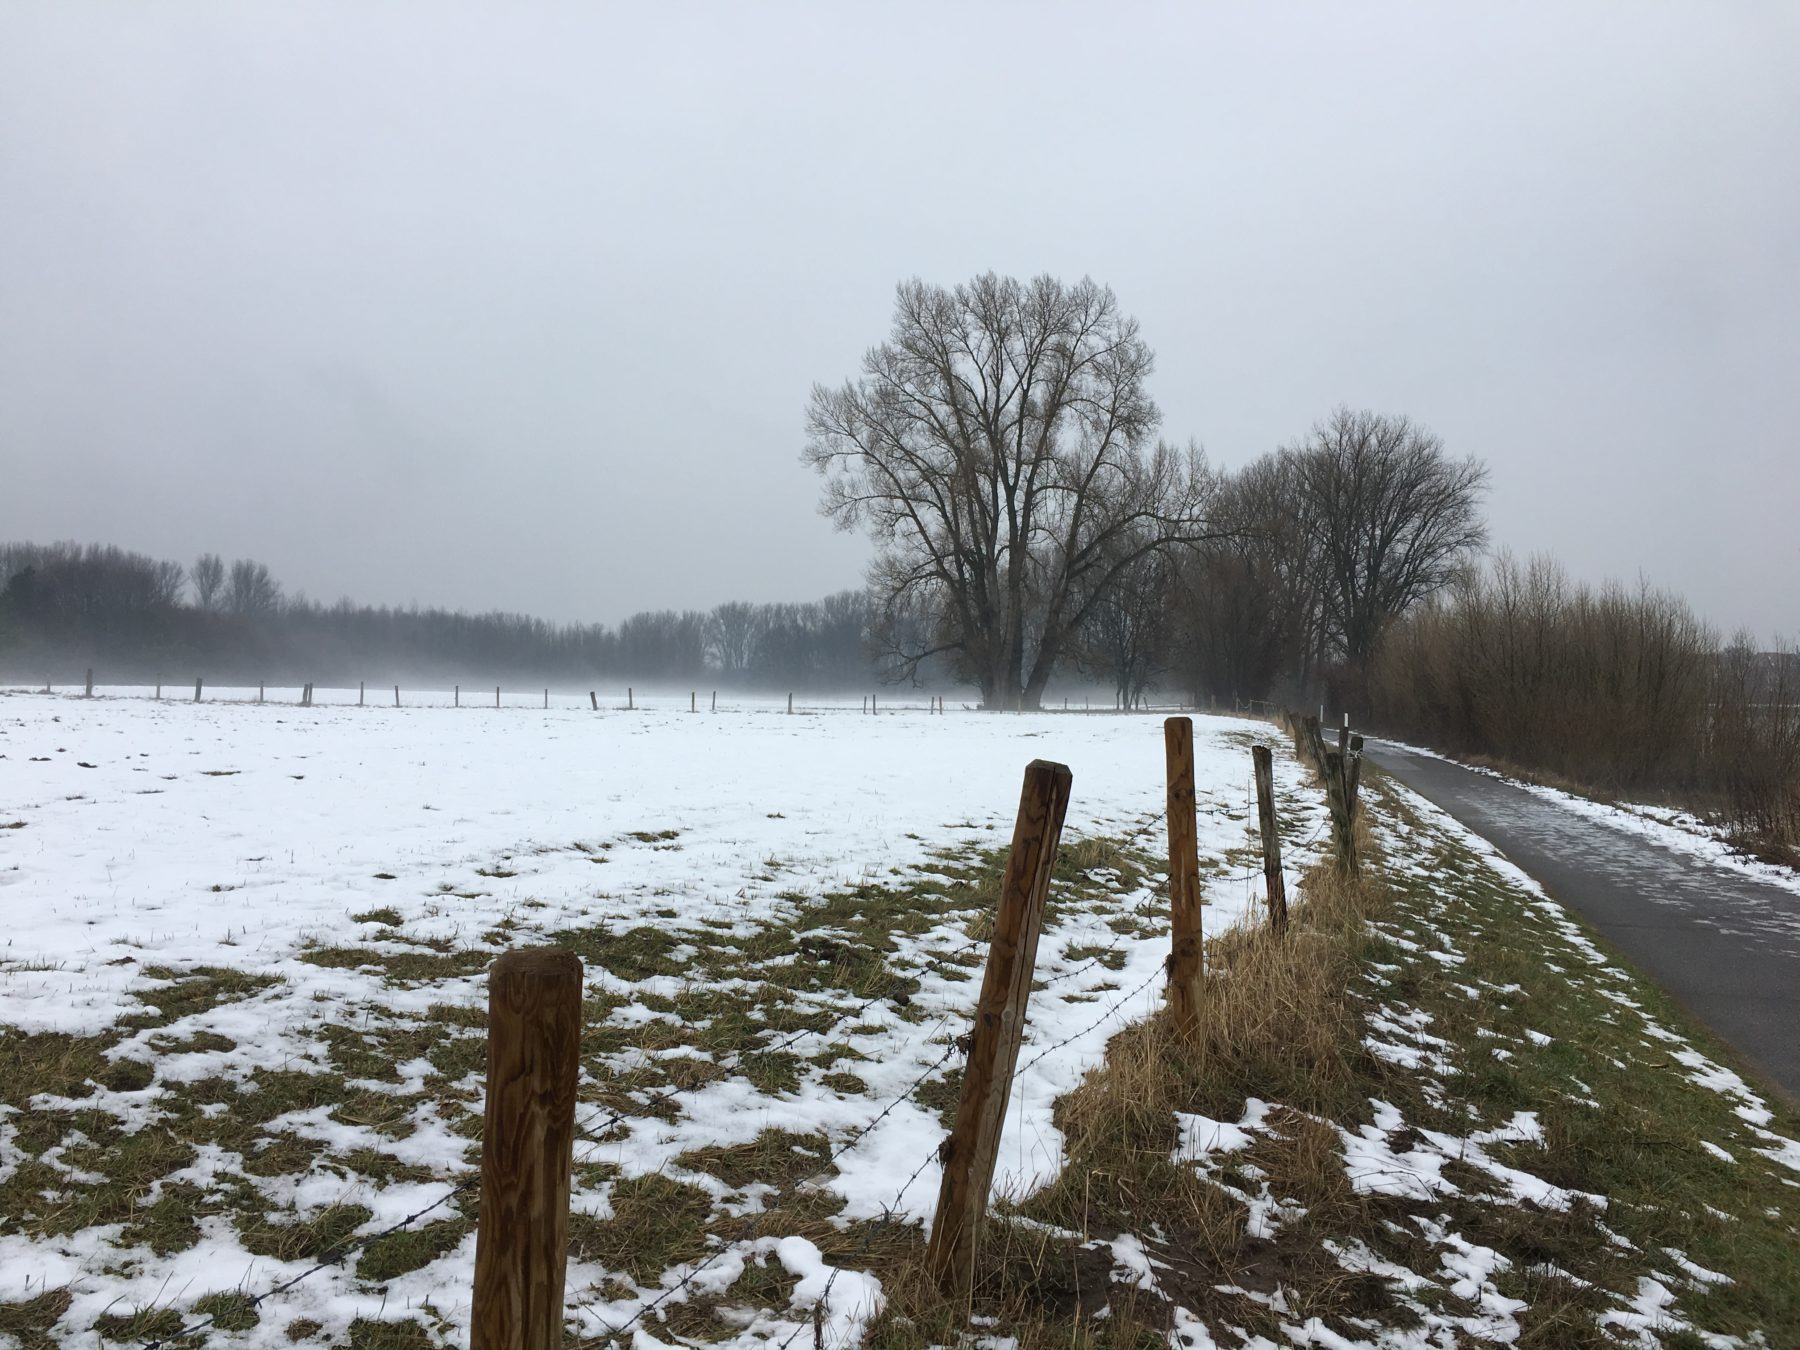 Im ländlich geprägtem Kölner Süden kann man im Weißer Bogen Natur sehen, die einerseits bewirtschaftet wird und als Weide für Kühe und Pferde dient, andererseits unberührte und sich ein selbst überlassenes Überflutungsgebiet des Rheins.